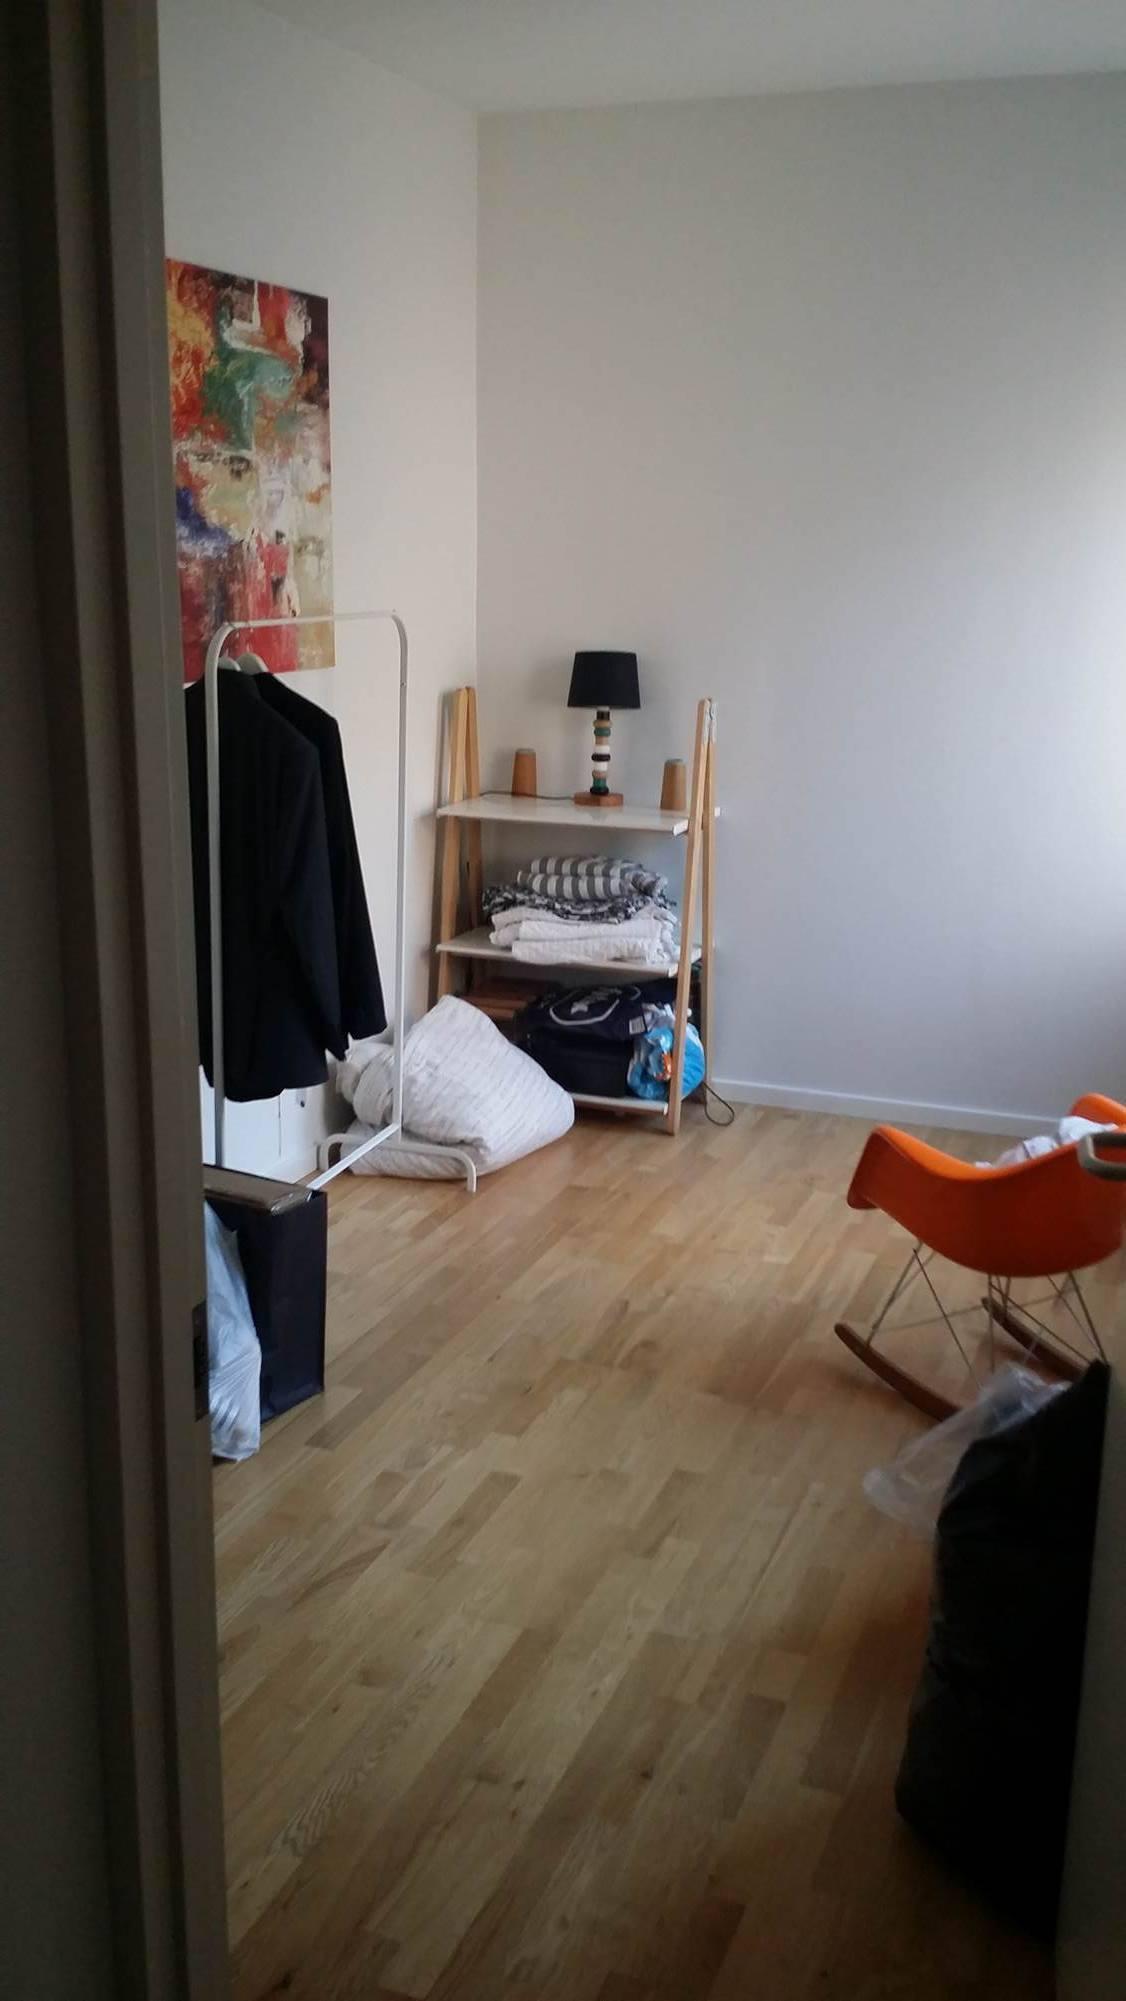 Søger roomie til lejlighed midt i Aalborg centrum!